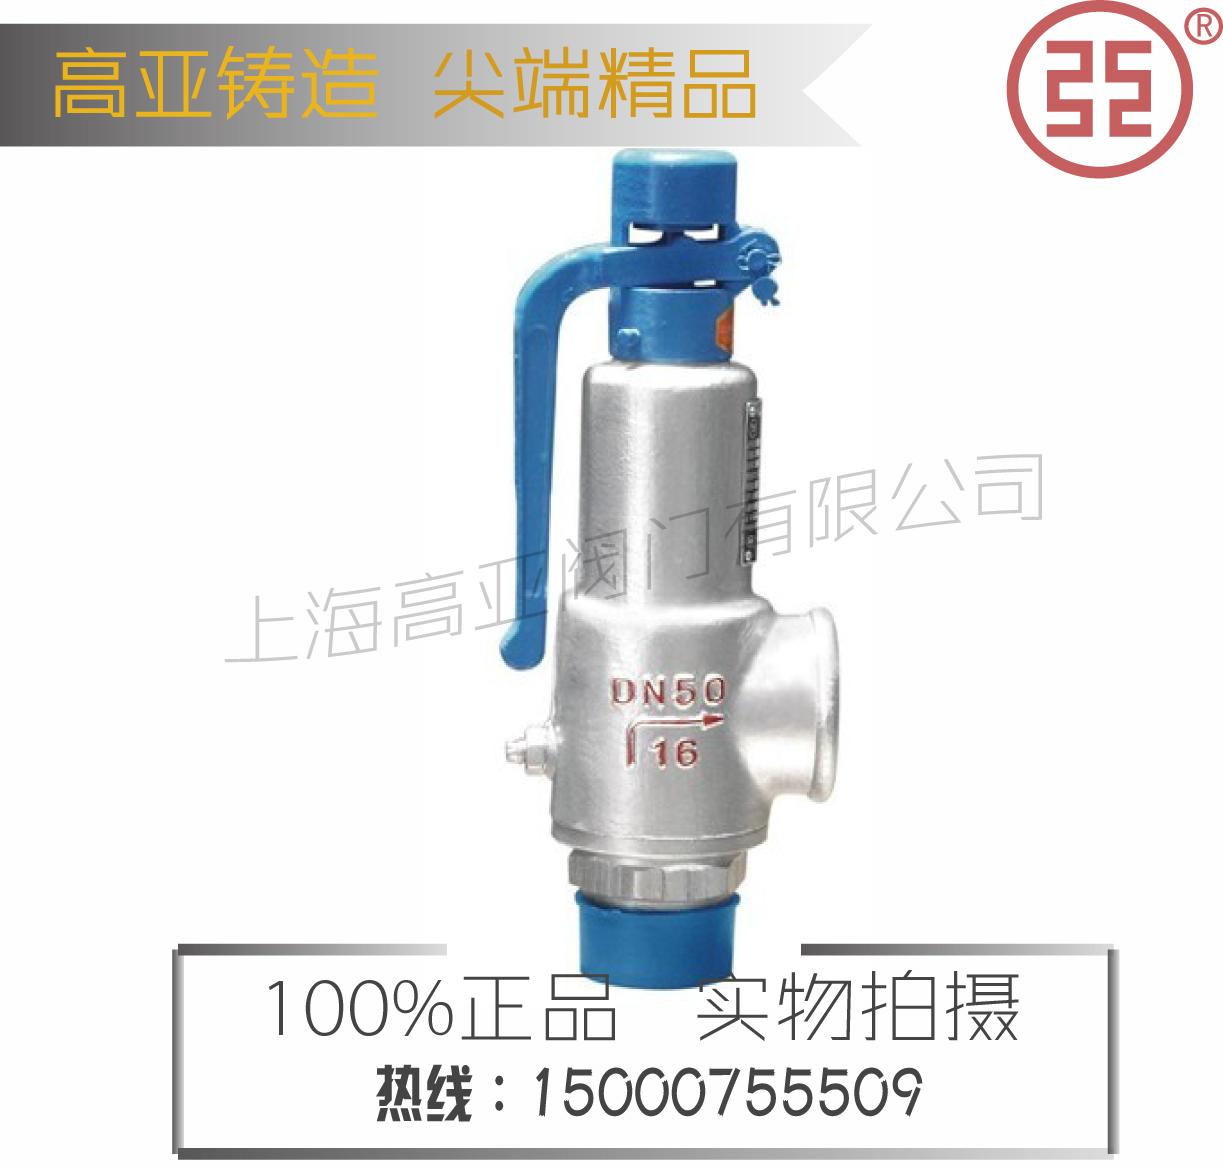 литой стальной проволоки A27H-16C весной низкоподъемный предохранительный клапан углеродистой стали рот весной низкоподъемный предохранительный клапан dn25